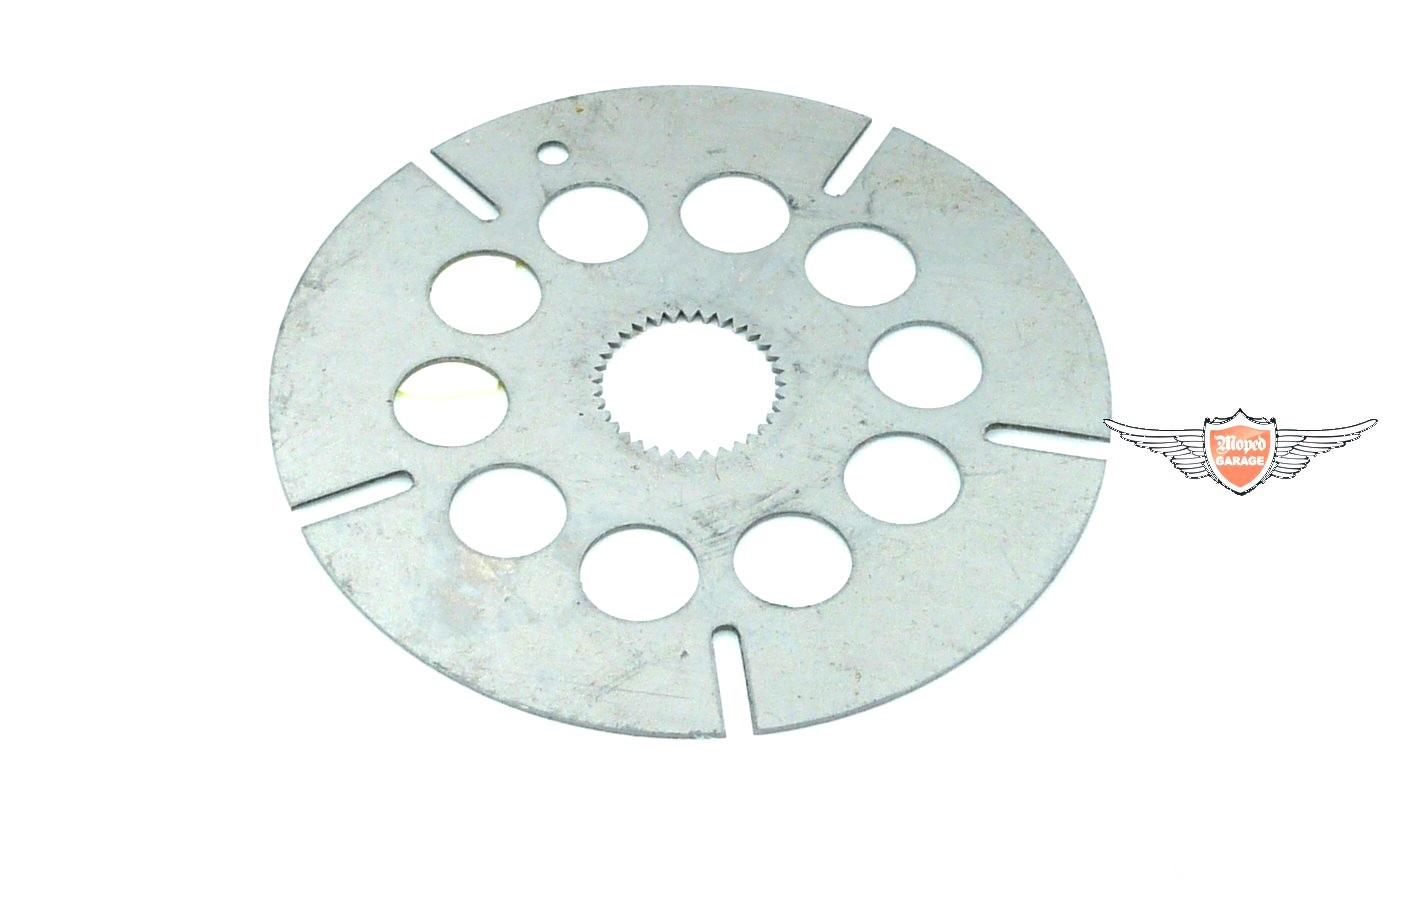 Zündapp Kupplung Stahlscheibe plan 265-06.130 ZD 20 40 25 50 TS Typ 446